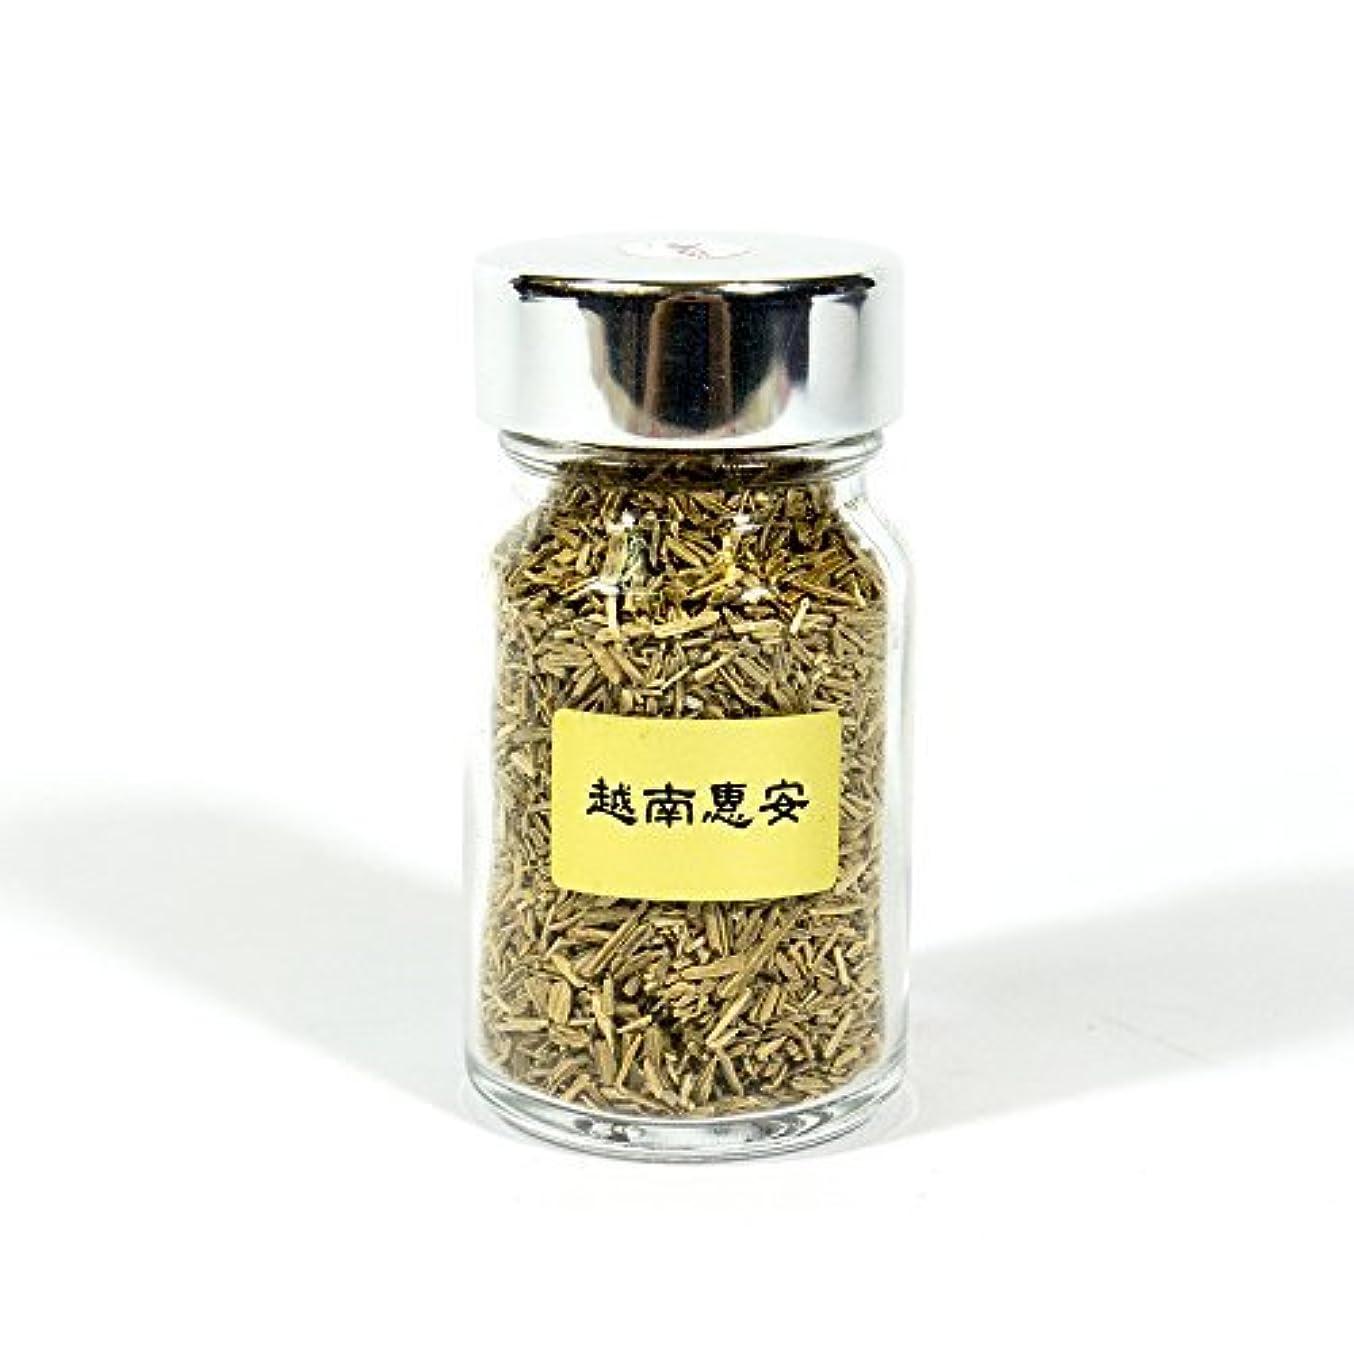 キルスどこフラグラントAgarwood Aloeswood Oud Chip Scrap Vietnam Hoi-An 10g Cultivated Suitable for Electric Burner by IncenseHouse - Raw Material [並行輸入品]